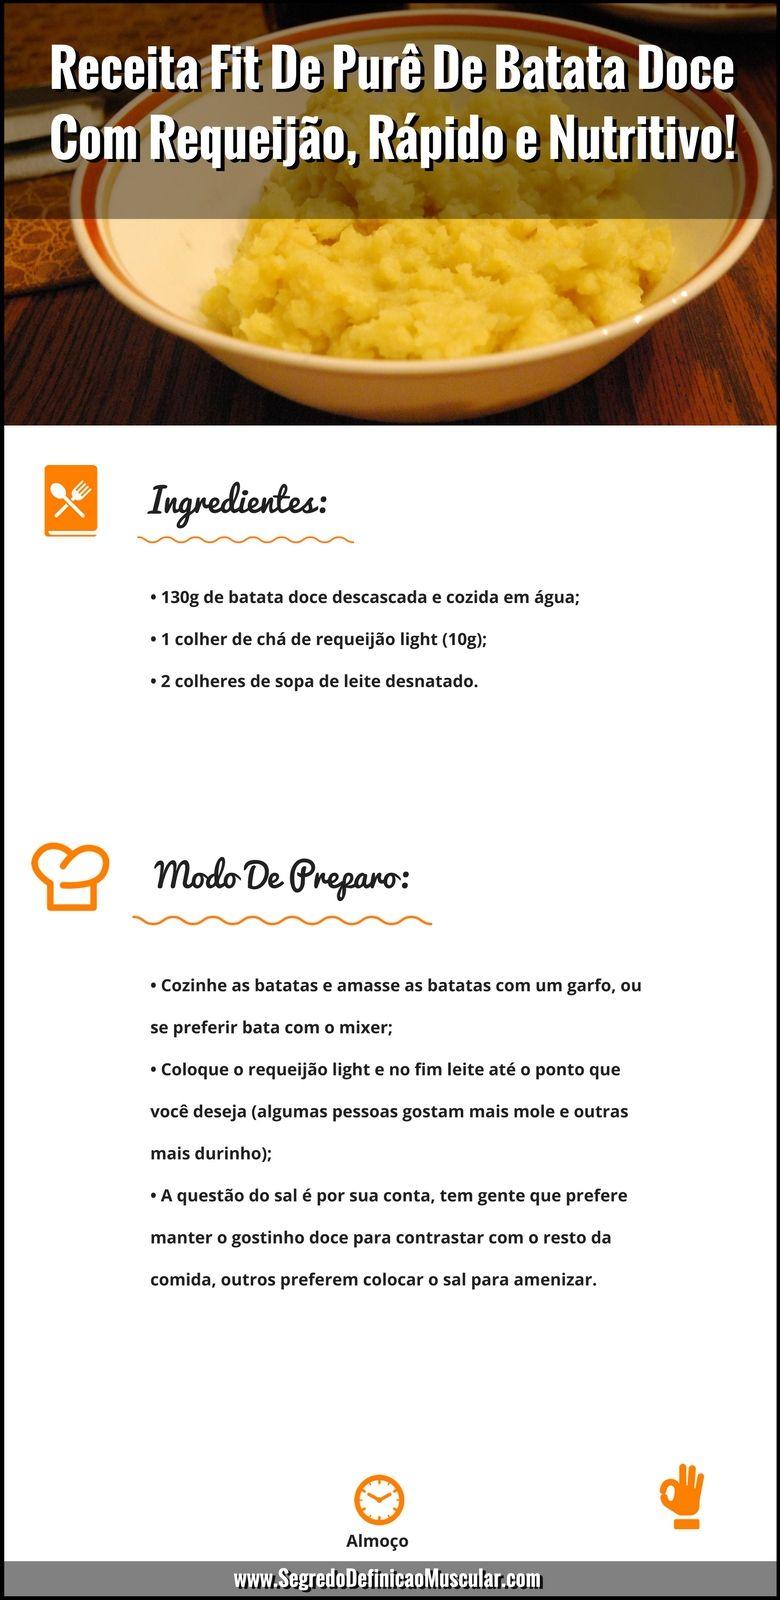 Receita Fit De Purê De Batata Doce Com Requeijão   ➡ https://segredodefinicaomuscular.com/receita-fit-de-pure-de-batata-doce-com-requeijao-rapido-e-nutritivo/  Se gostar da receita compartilhe com seus amigos :)  #receitasfit #EstiloDeVidaFitness